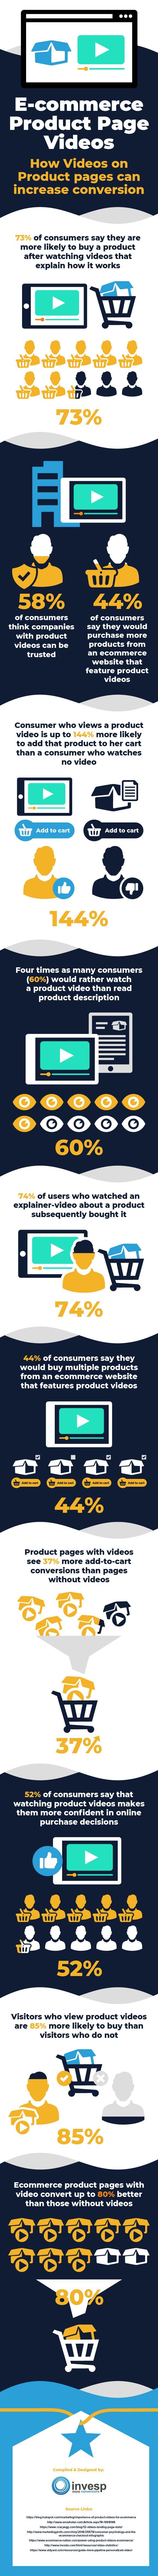 Cara Meningkatkan Penjualan Toko Online 11 Statistik Video Produk Yang Perlu Diketahui